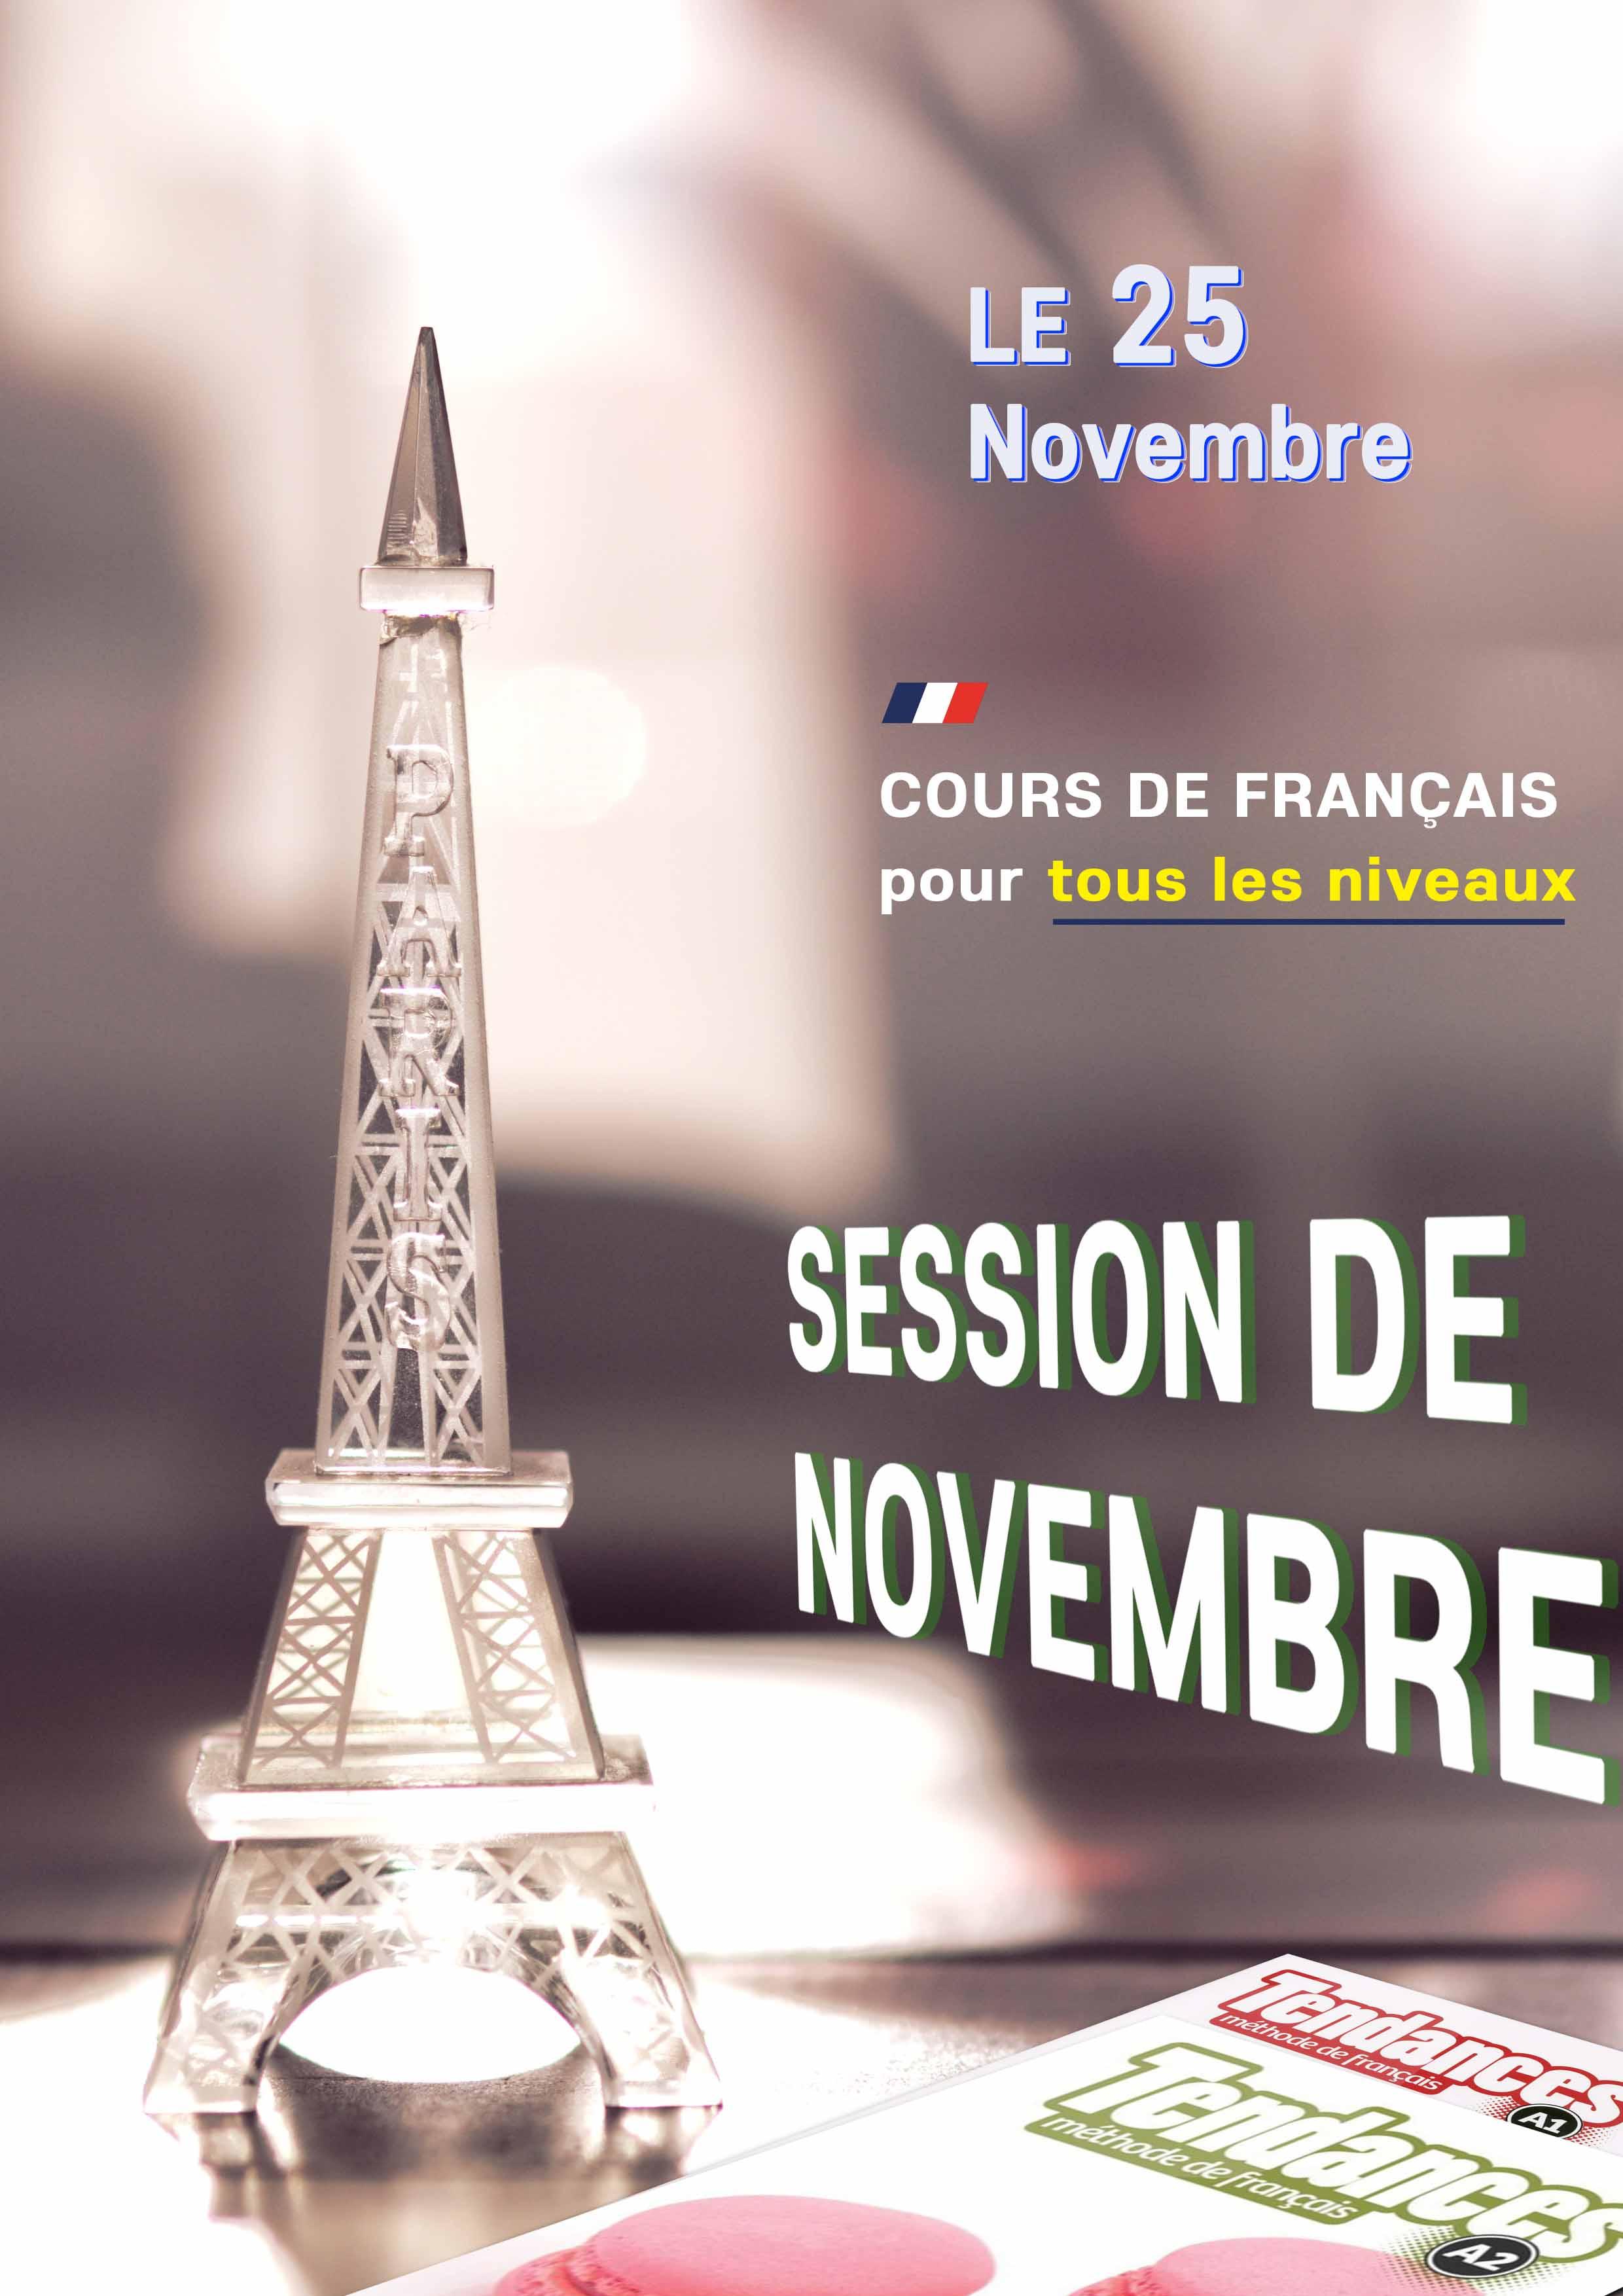 iesig session de novembre affiche.jpg